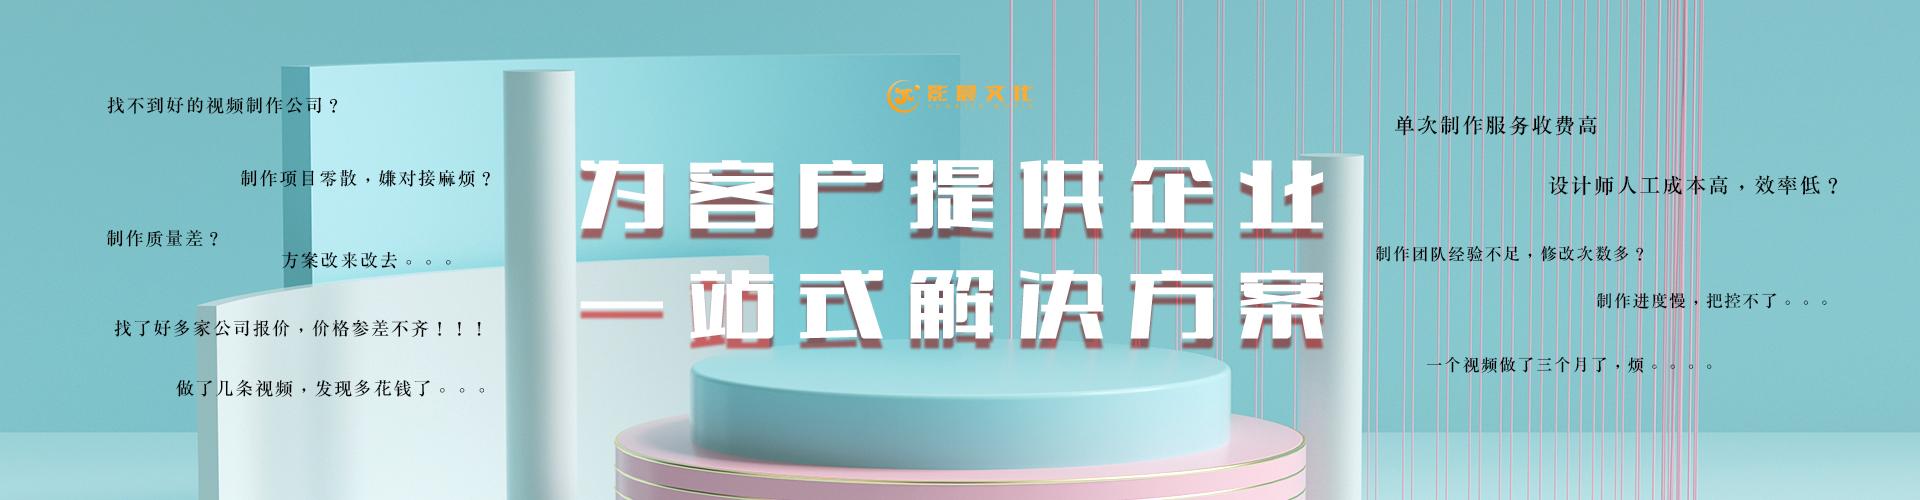 视频制作年度服务_动画制作全年服务套餐_影晨文化